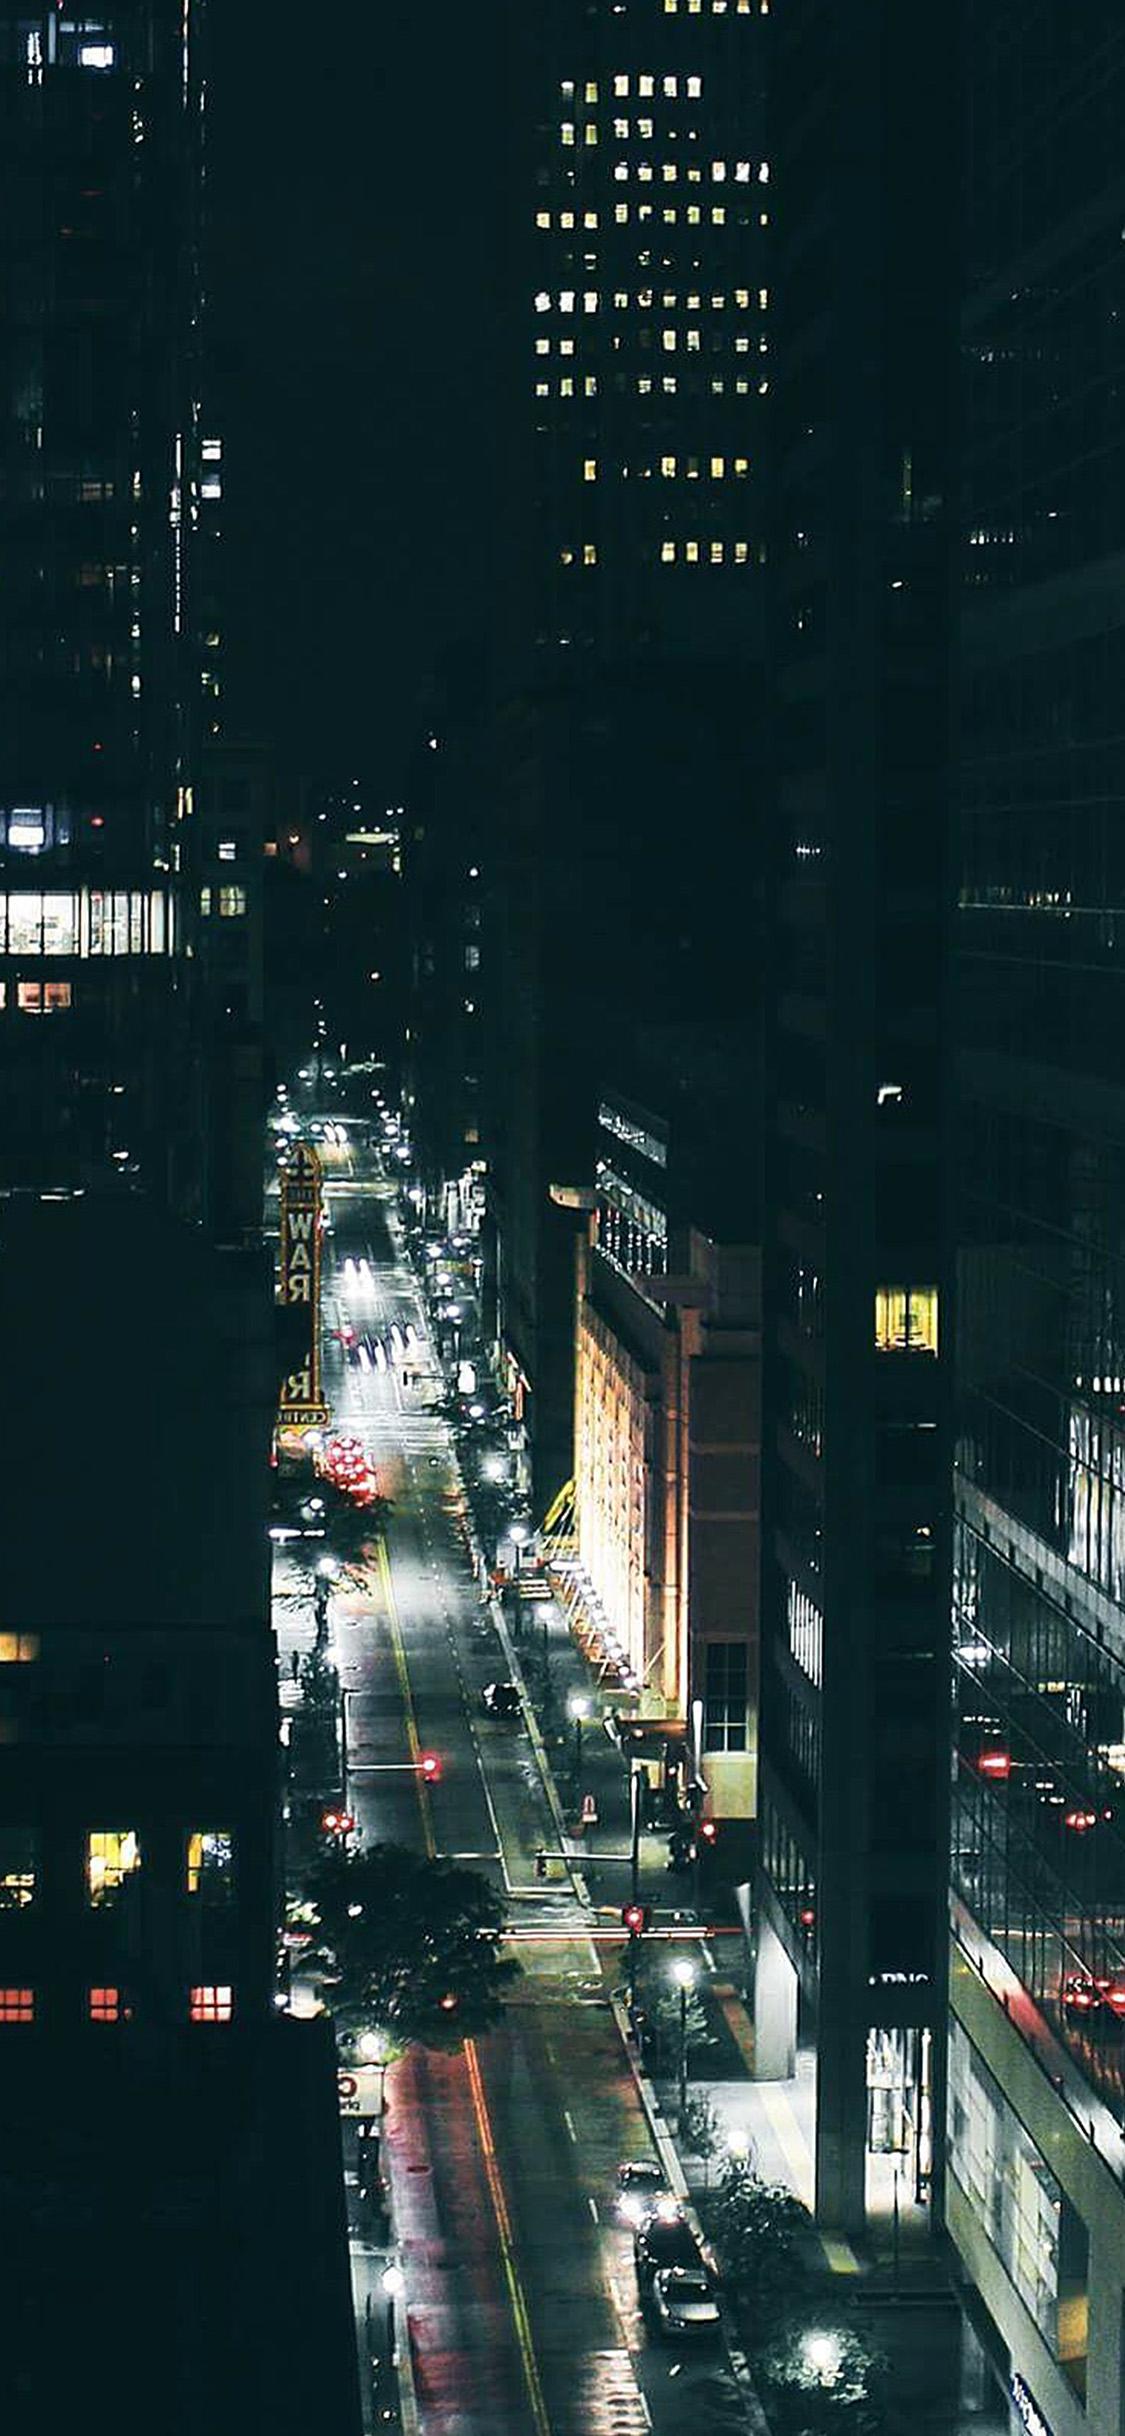 Nw62-city-night-traffic-dark-nature-wallpaper